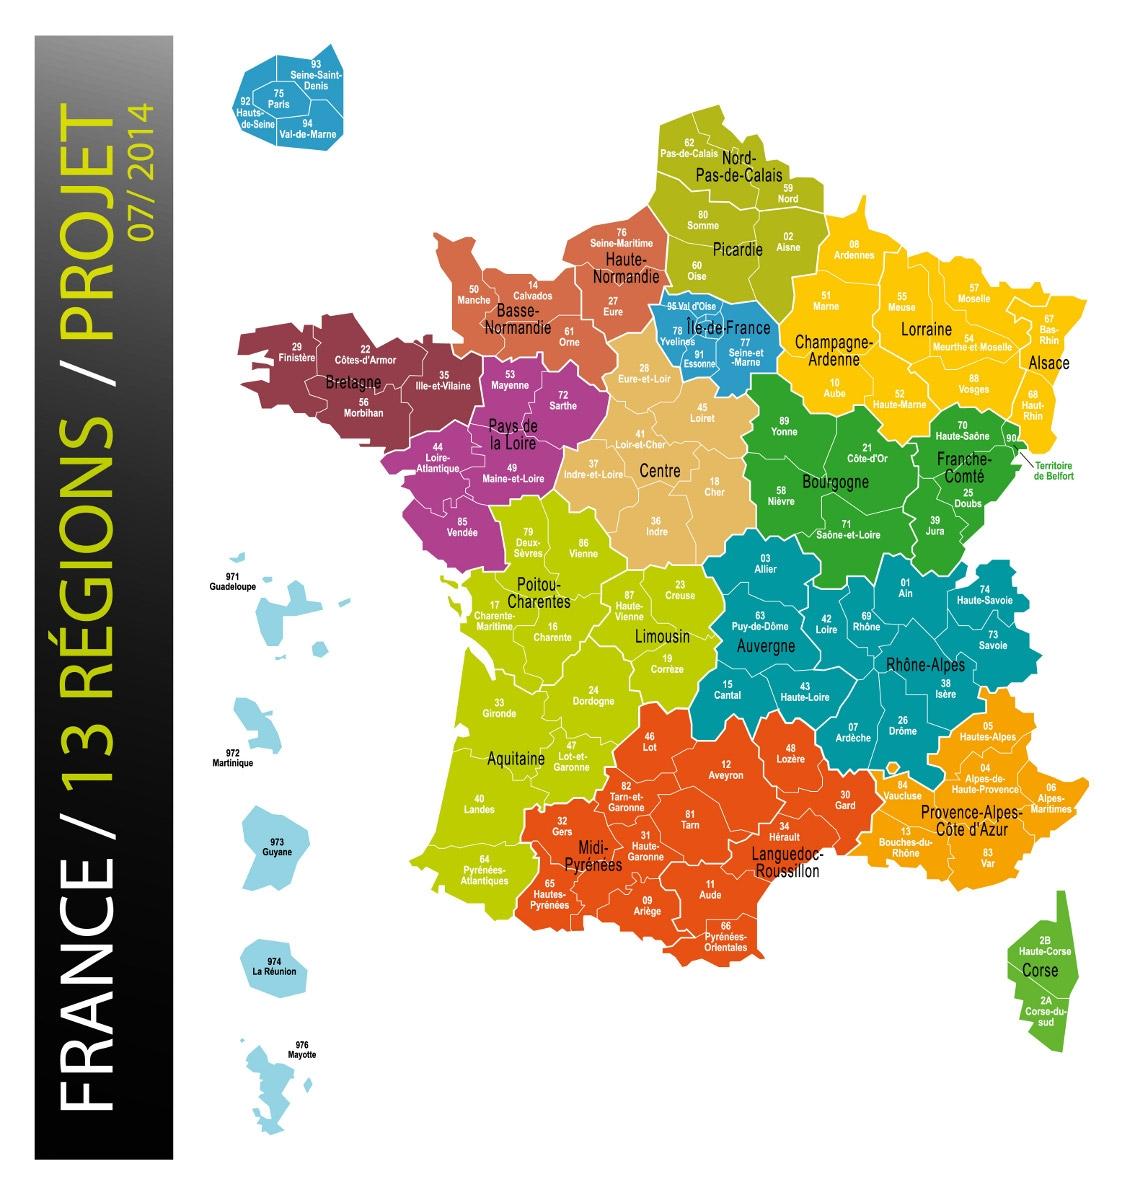 Réforme territoriale - Carte des Régions